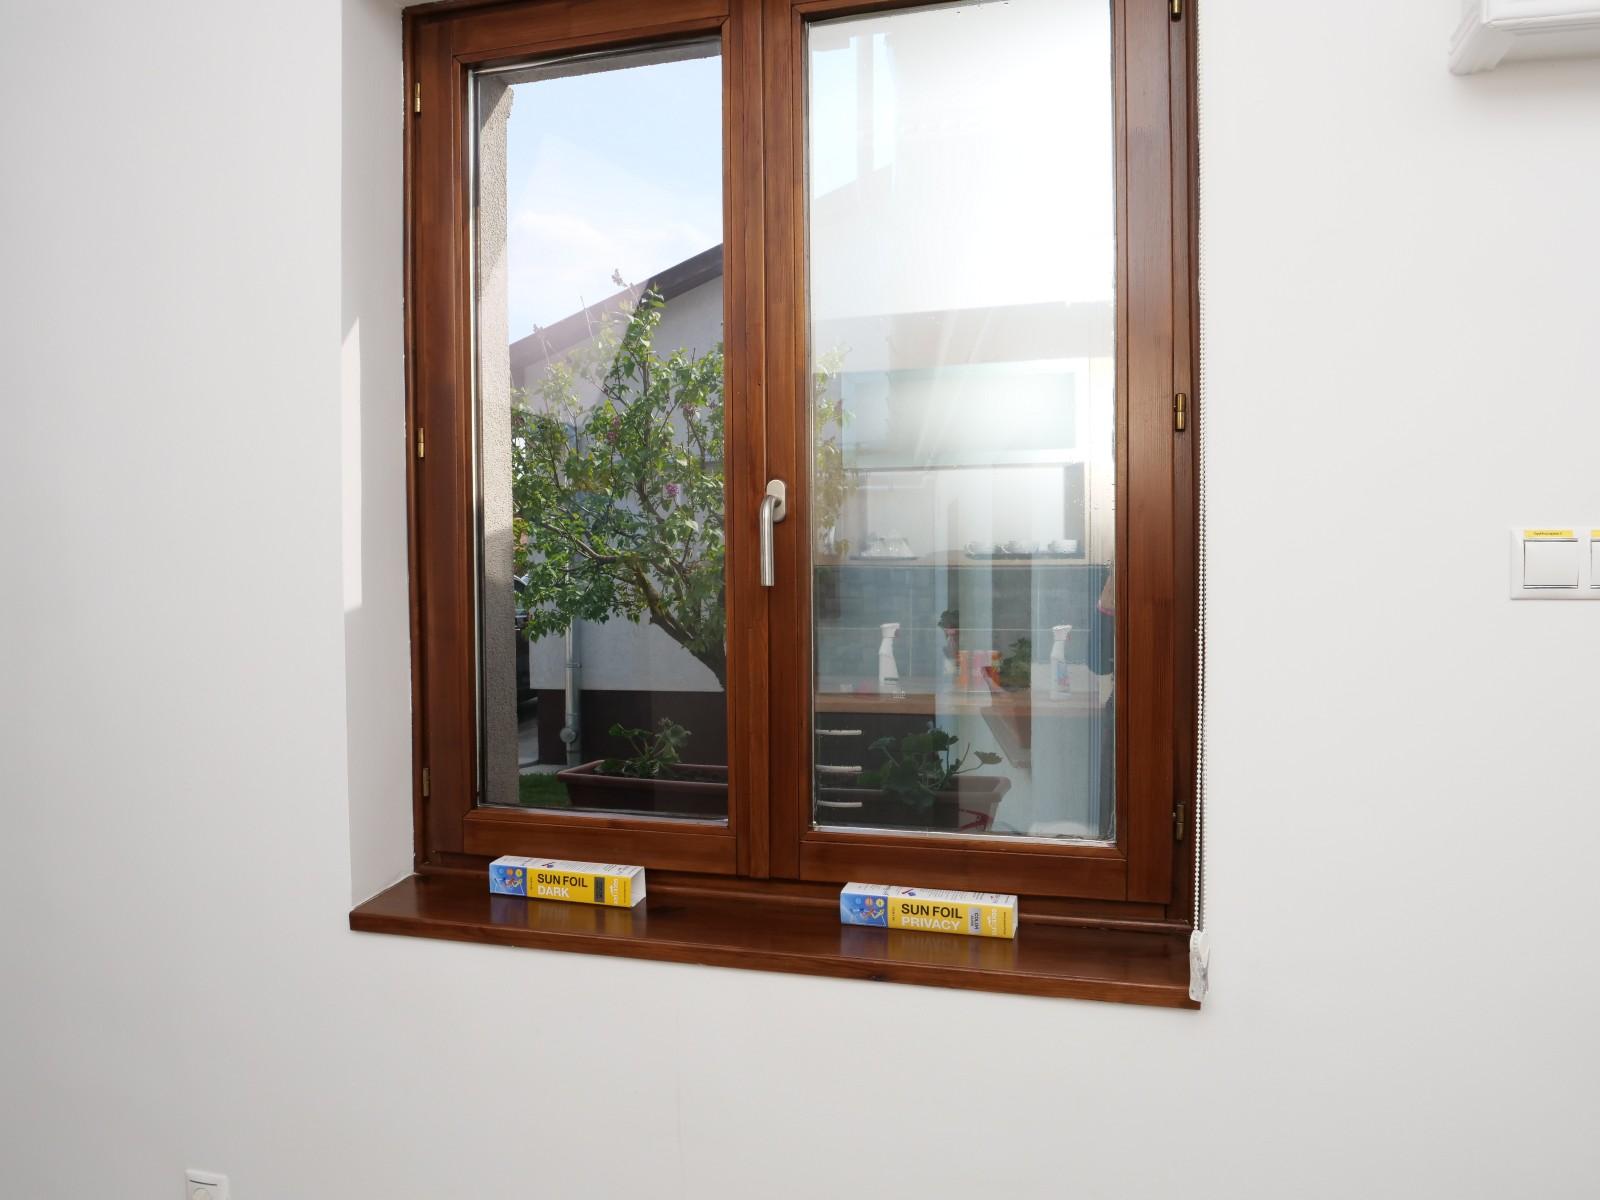 A napellenző ablakfólia a szobából kifelé nézve: a kilátást nem akadályozza, de látható, hogy sötétítette az ablak felületét, így kevesebb napfény tud besütni.